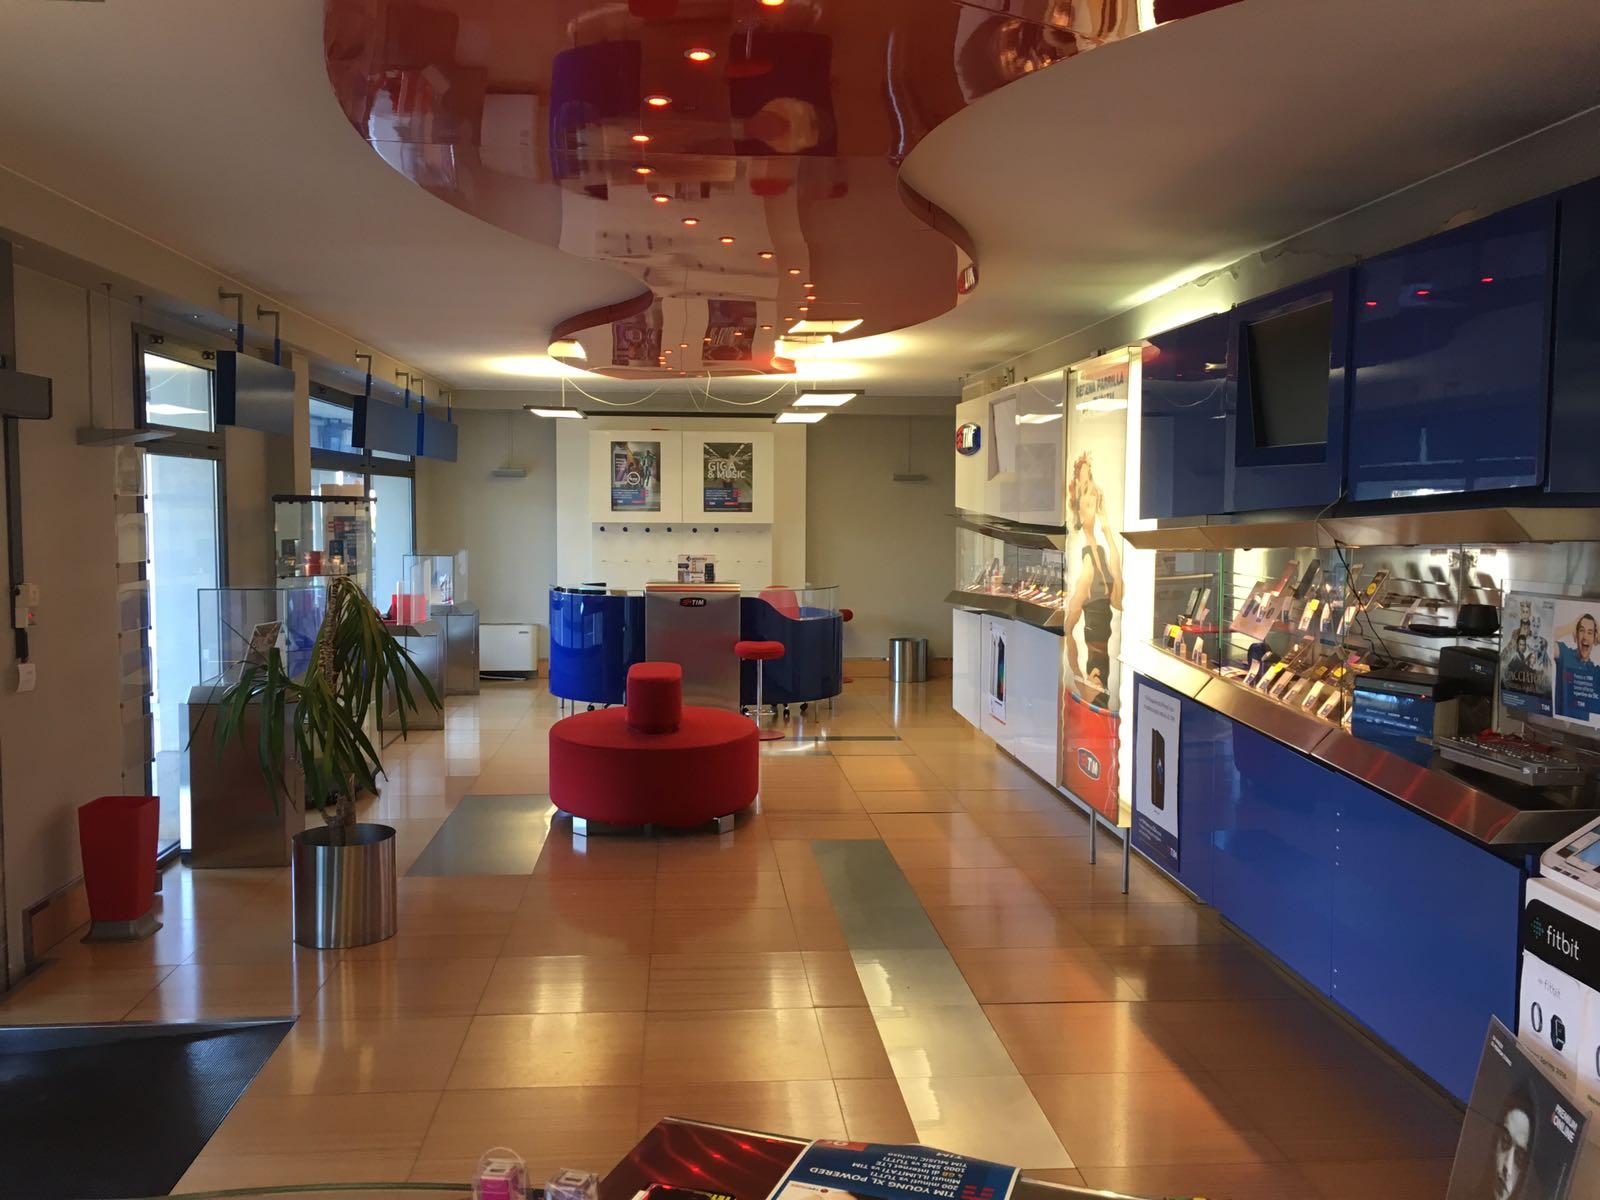 negozio di telefonia blu e rosso